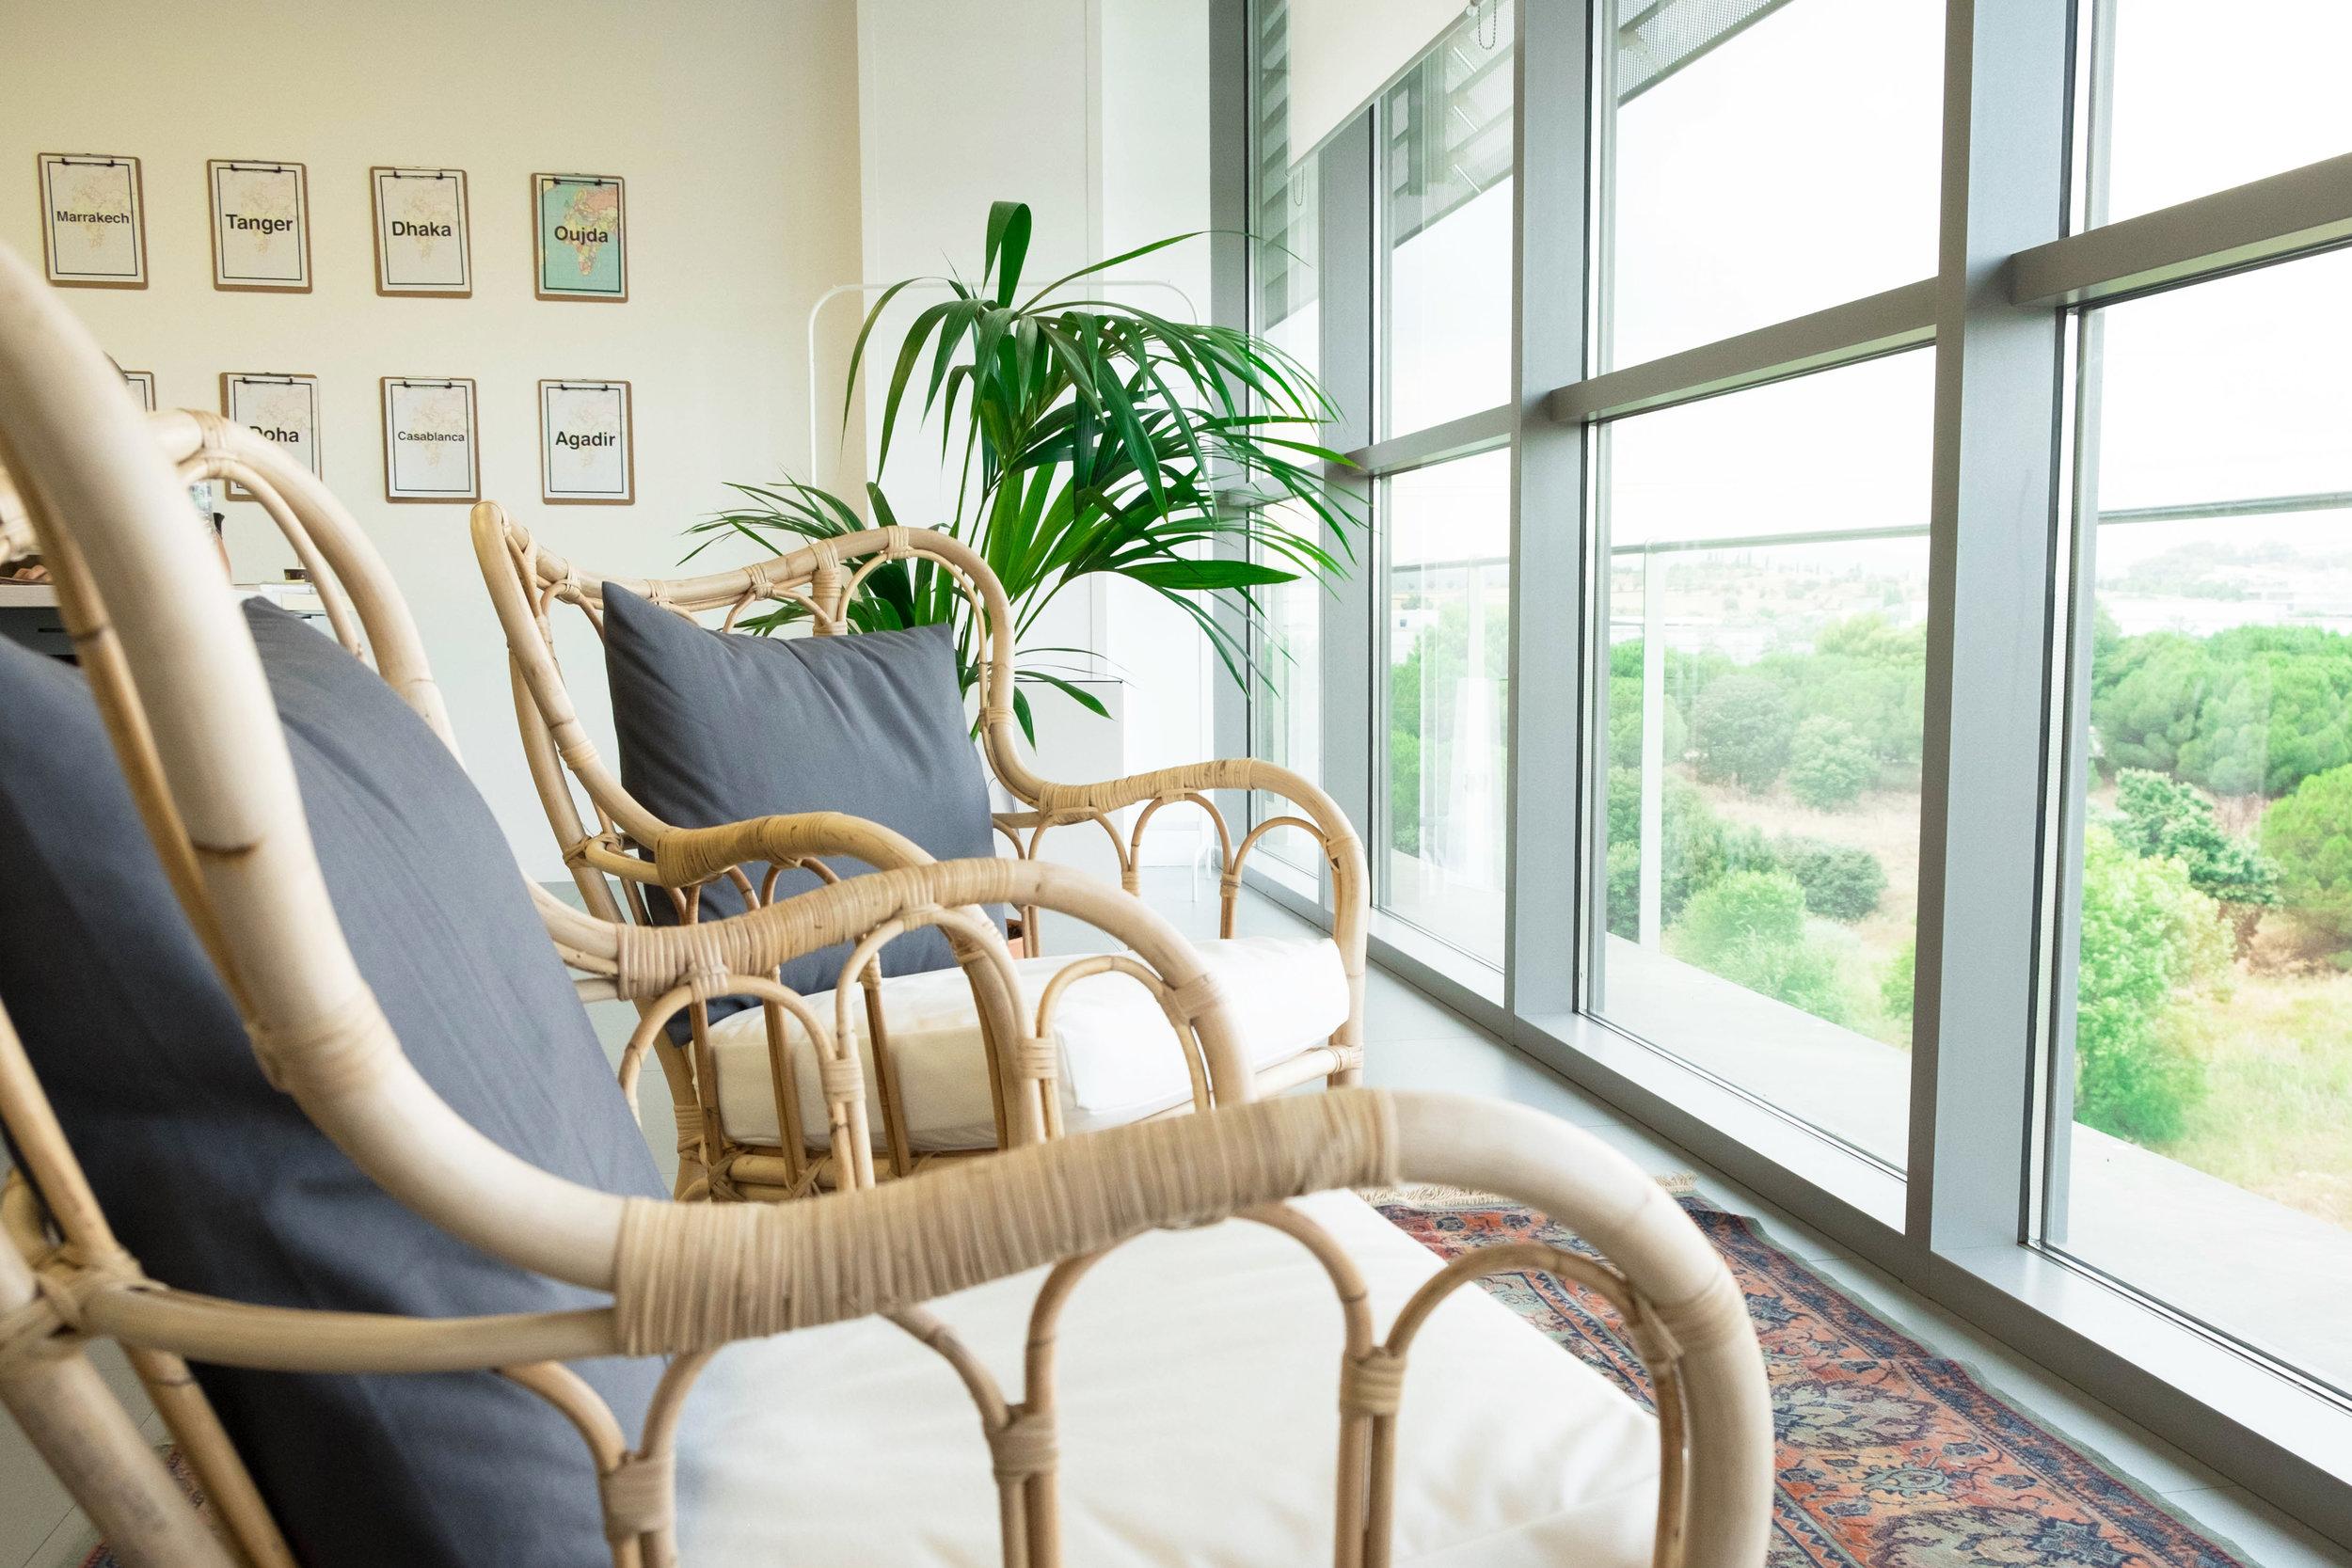 Las plantas favorecen la creatividad y con un par de butacas para disfrutar de las vistas se crea un rincón para reuniones distendidas, combinado con una alfombra marroquí.